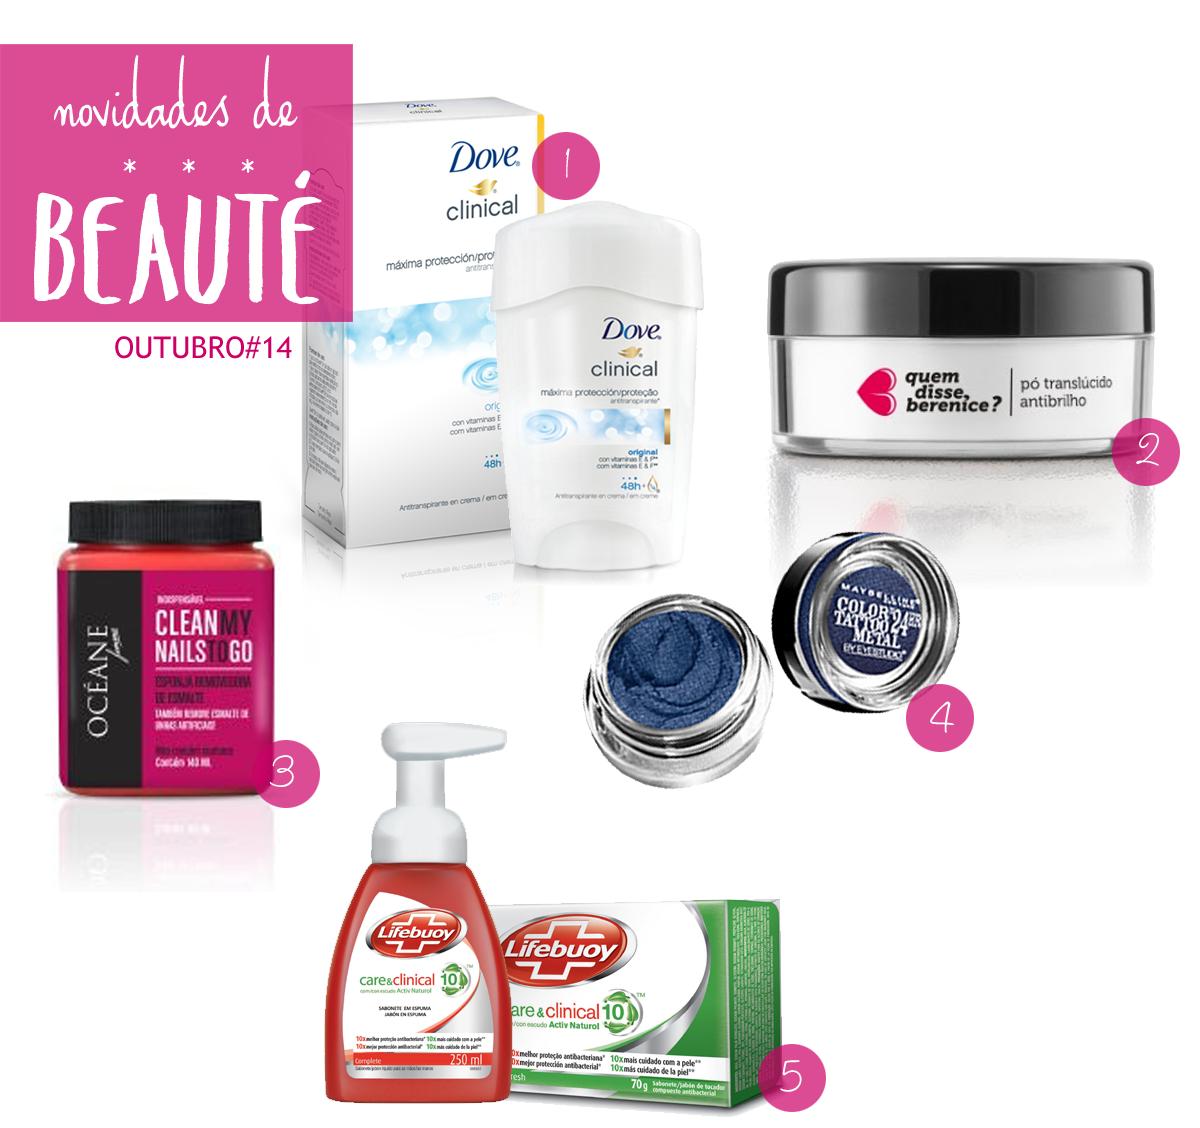 Novidade de Beauté - Outubro de 2014 | Blog No Balaio da Gata